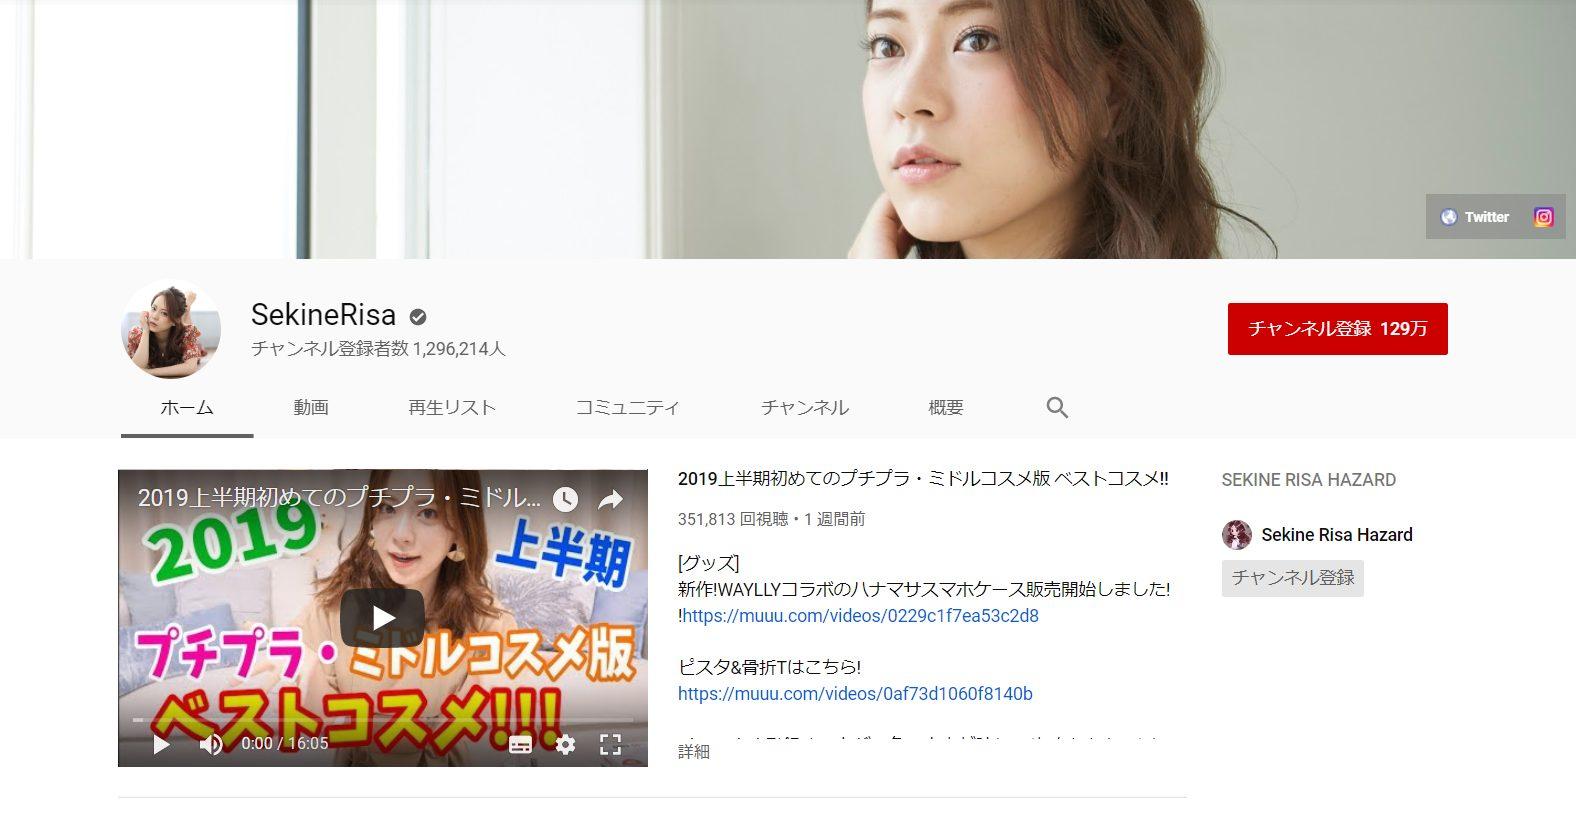 beauty-cosmetic-youtube-channel-sekine-risa